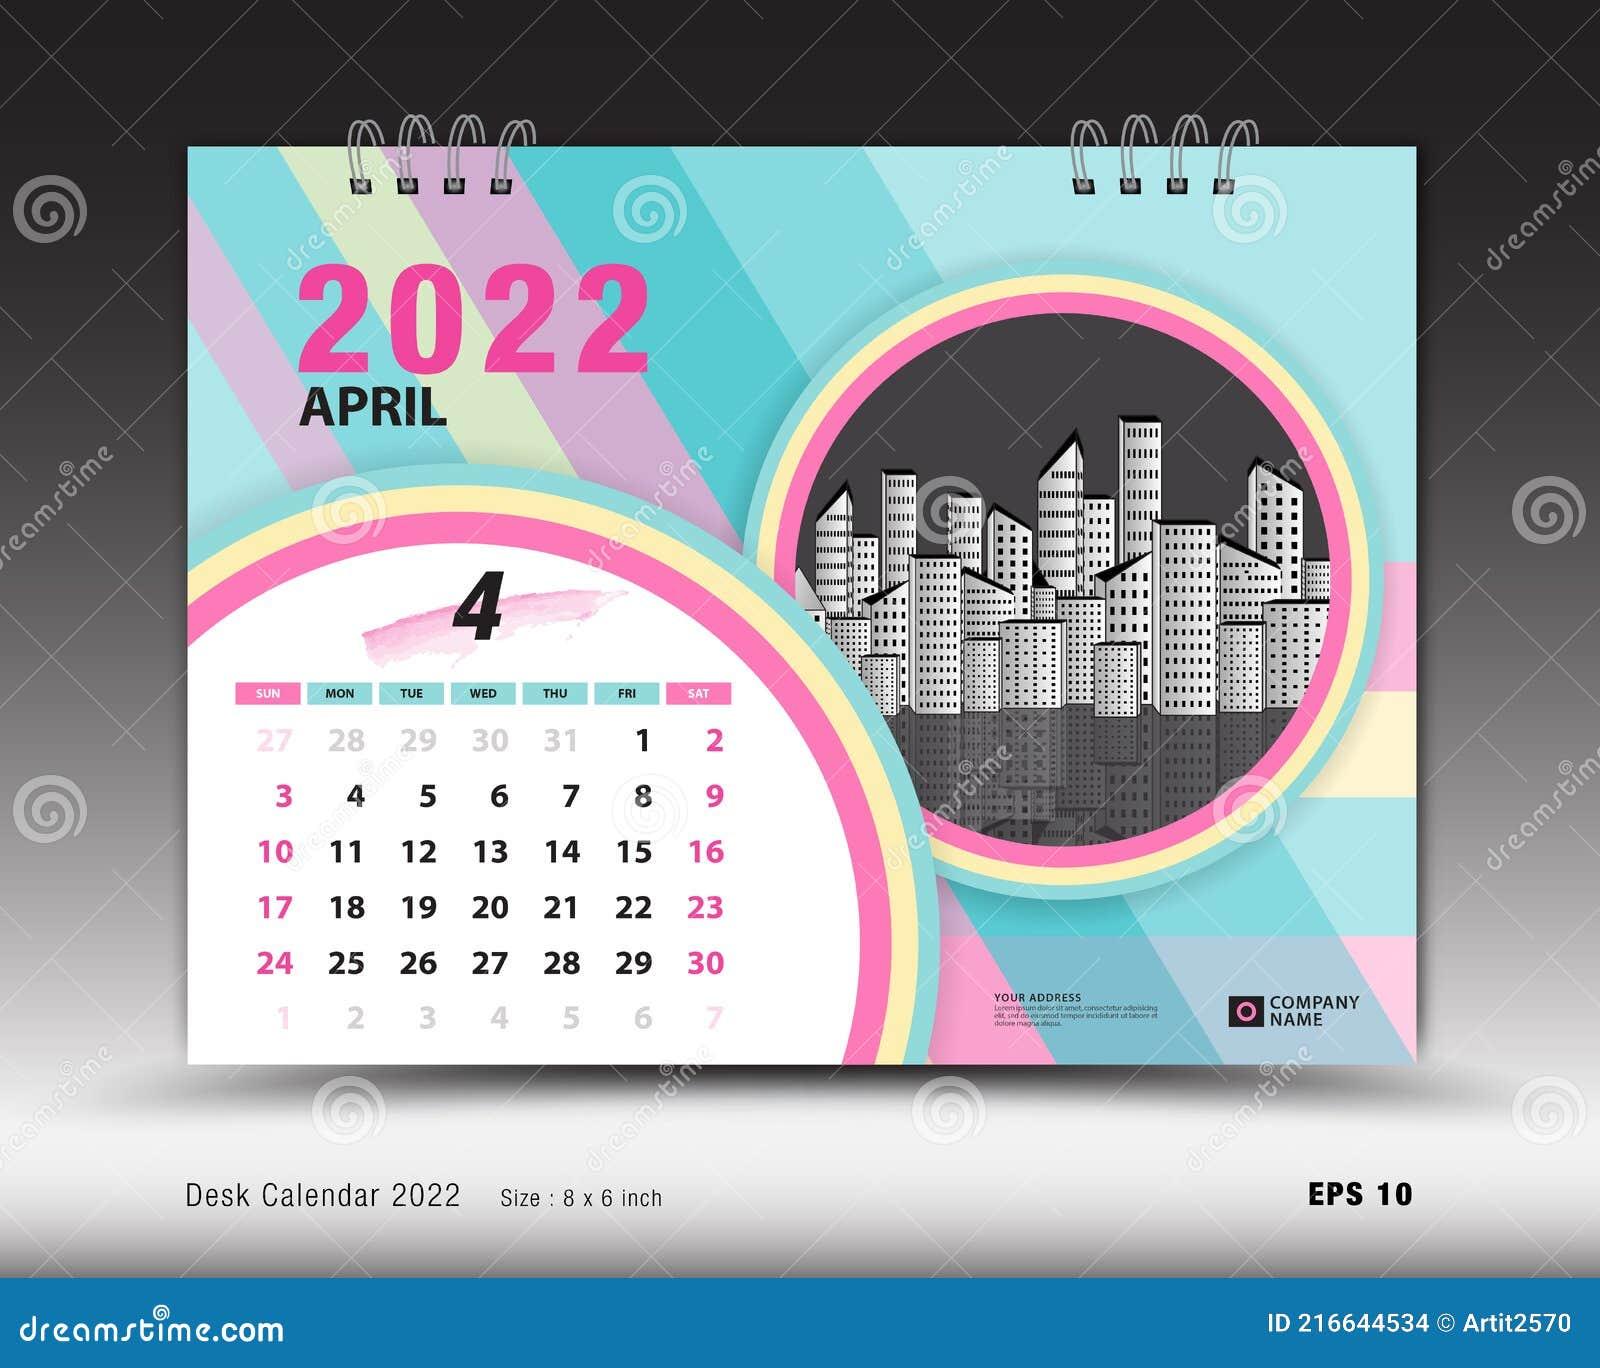 Free 2022 Wall Calendar By Mail.Calendar 2022 Template April Month Layout Desk Calendar 2022 Year Calendar Planner Design Wall Calendar Design Stock Vector Illustration Of Brochure 2023 216644534